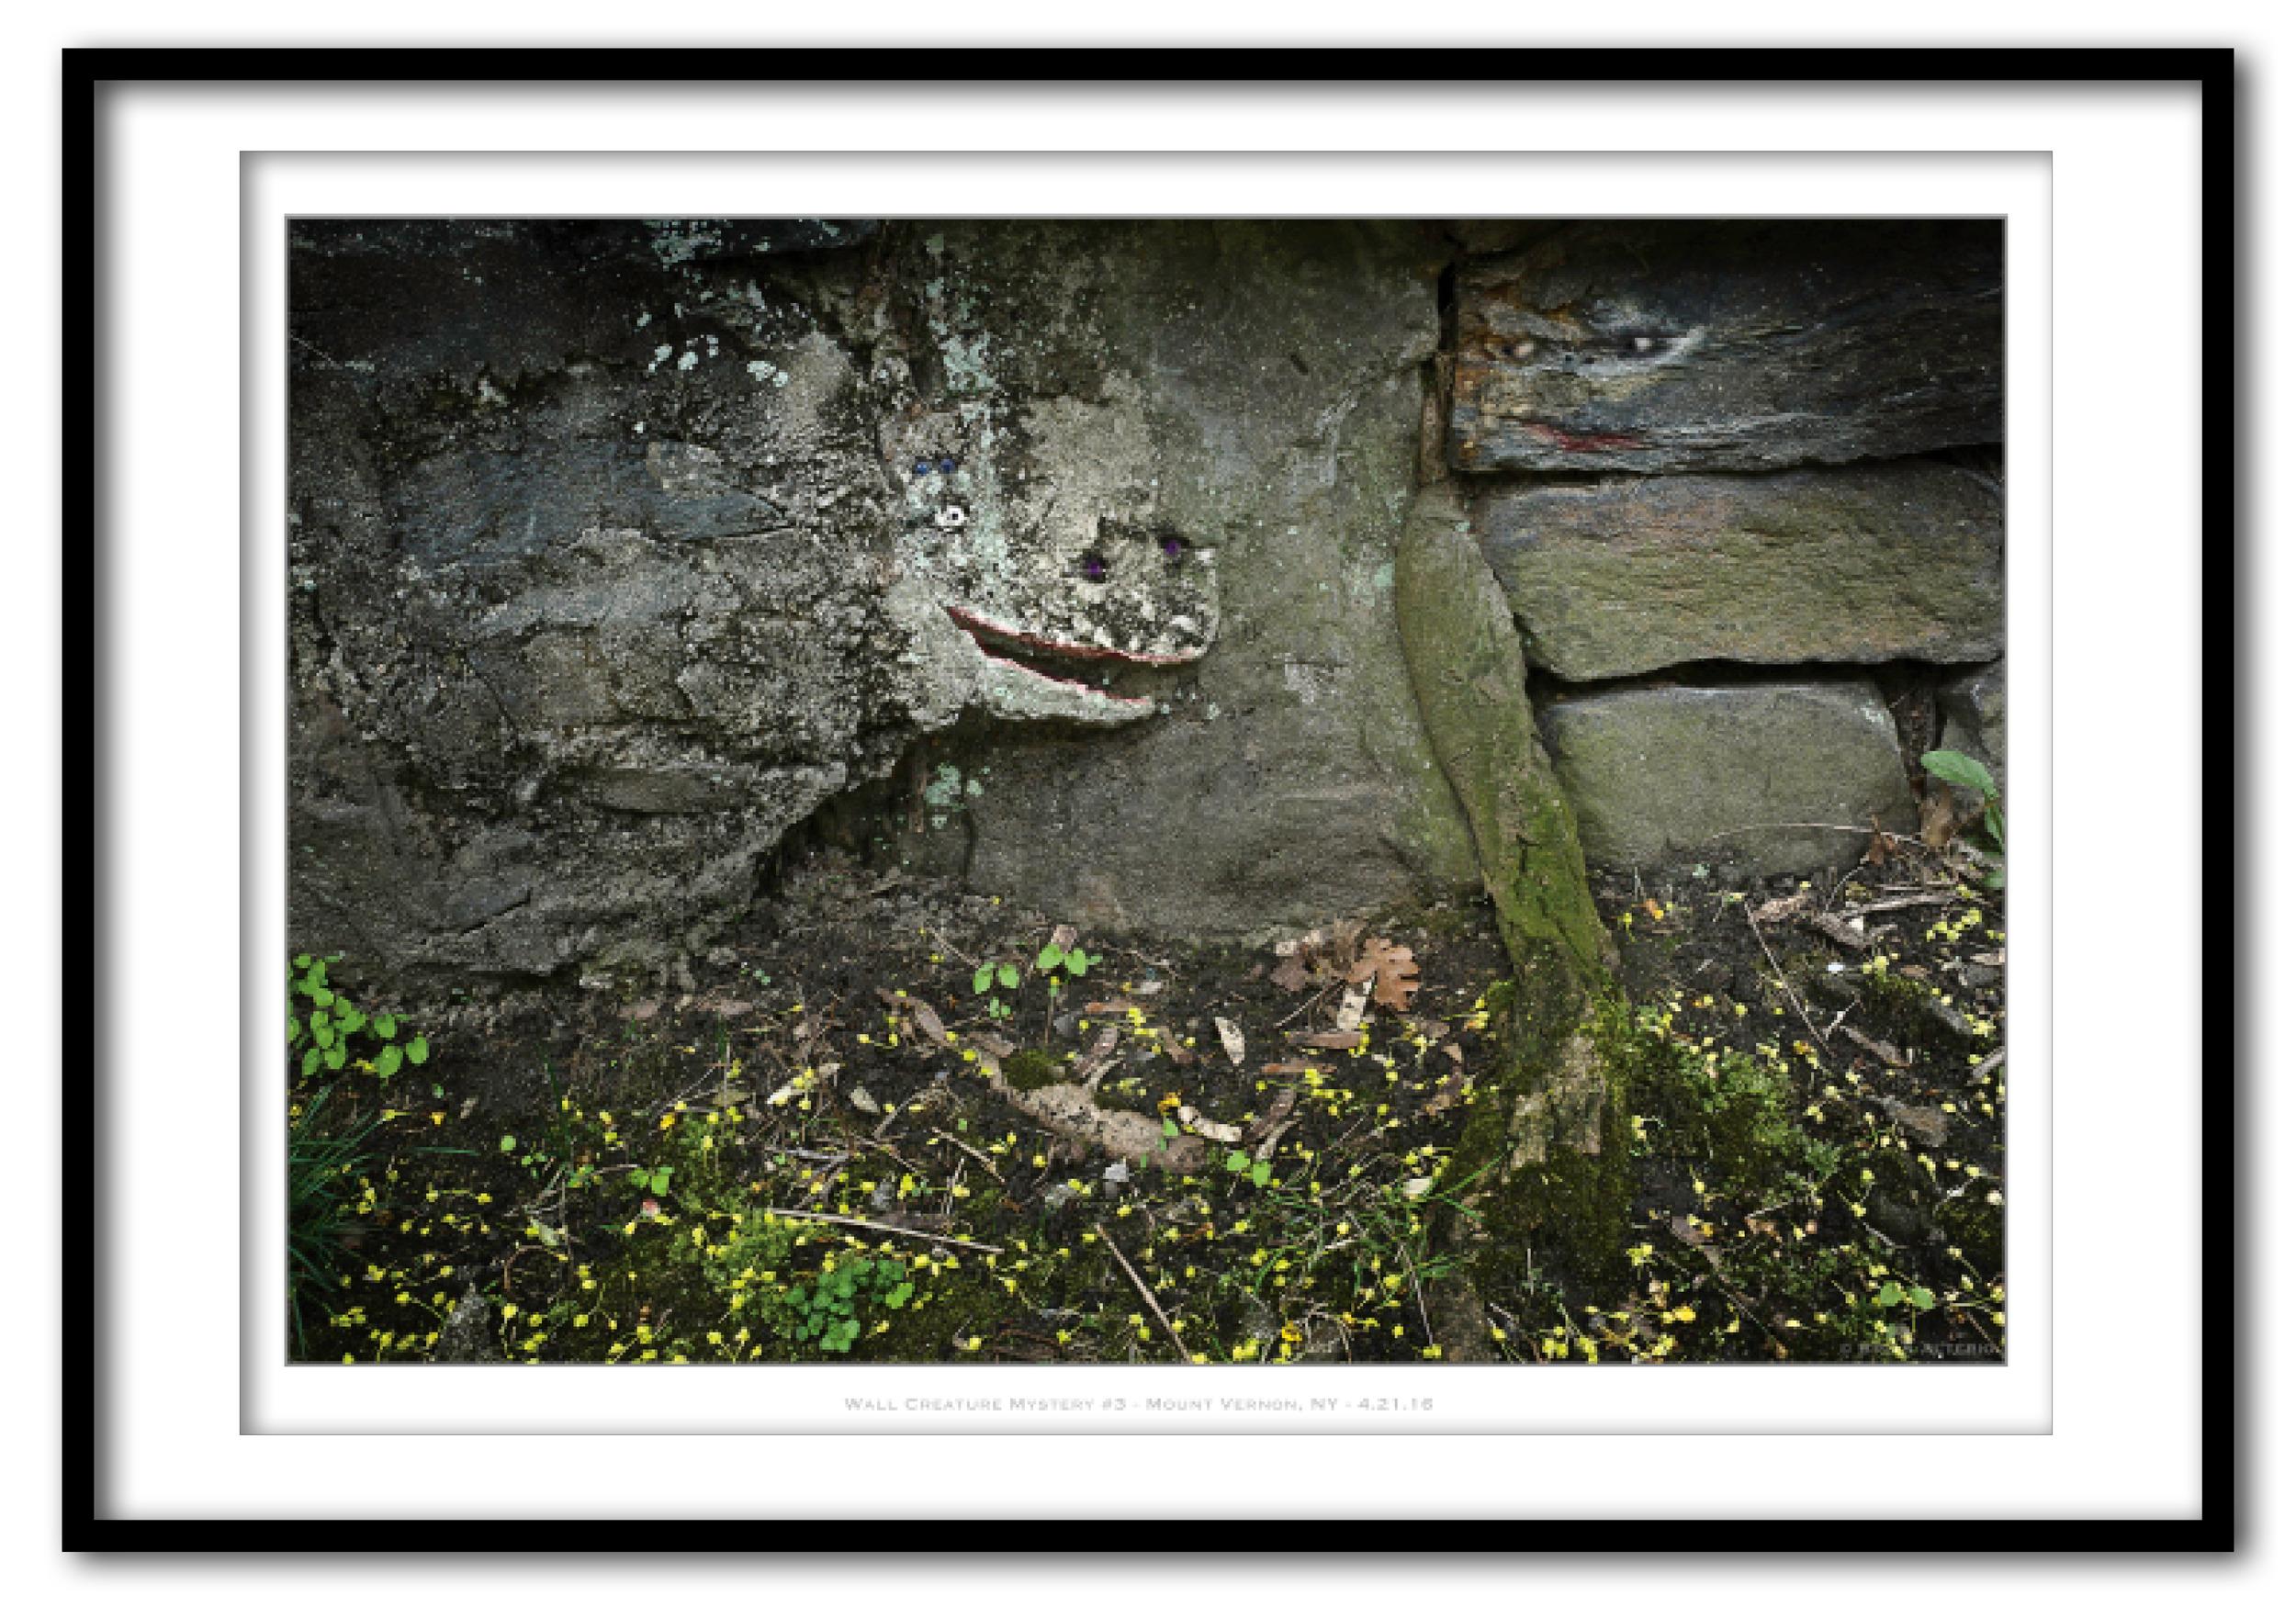 Wall Creature Mystery #3 - Mount Vernon, NY - 4.21.16 .jpg